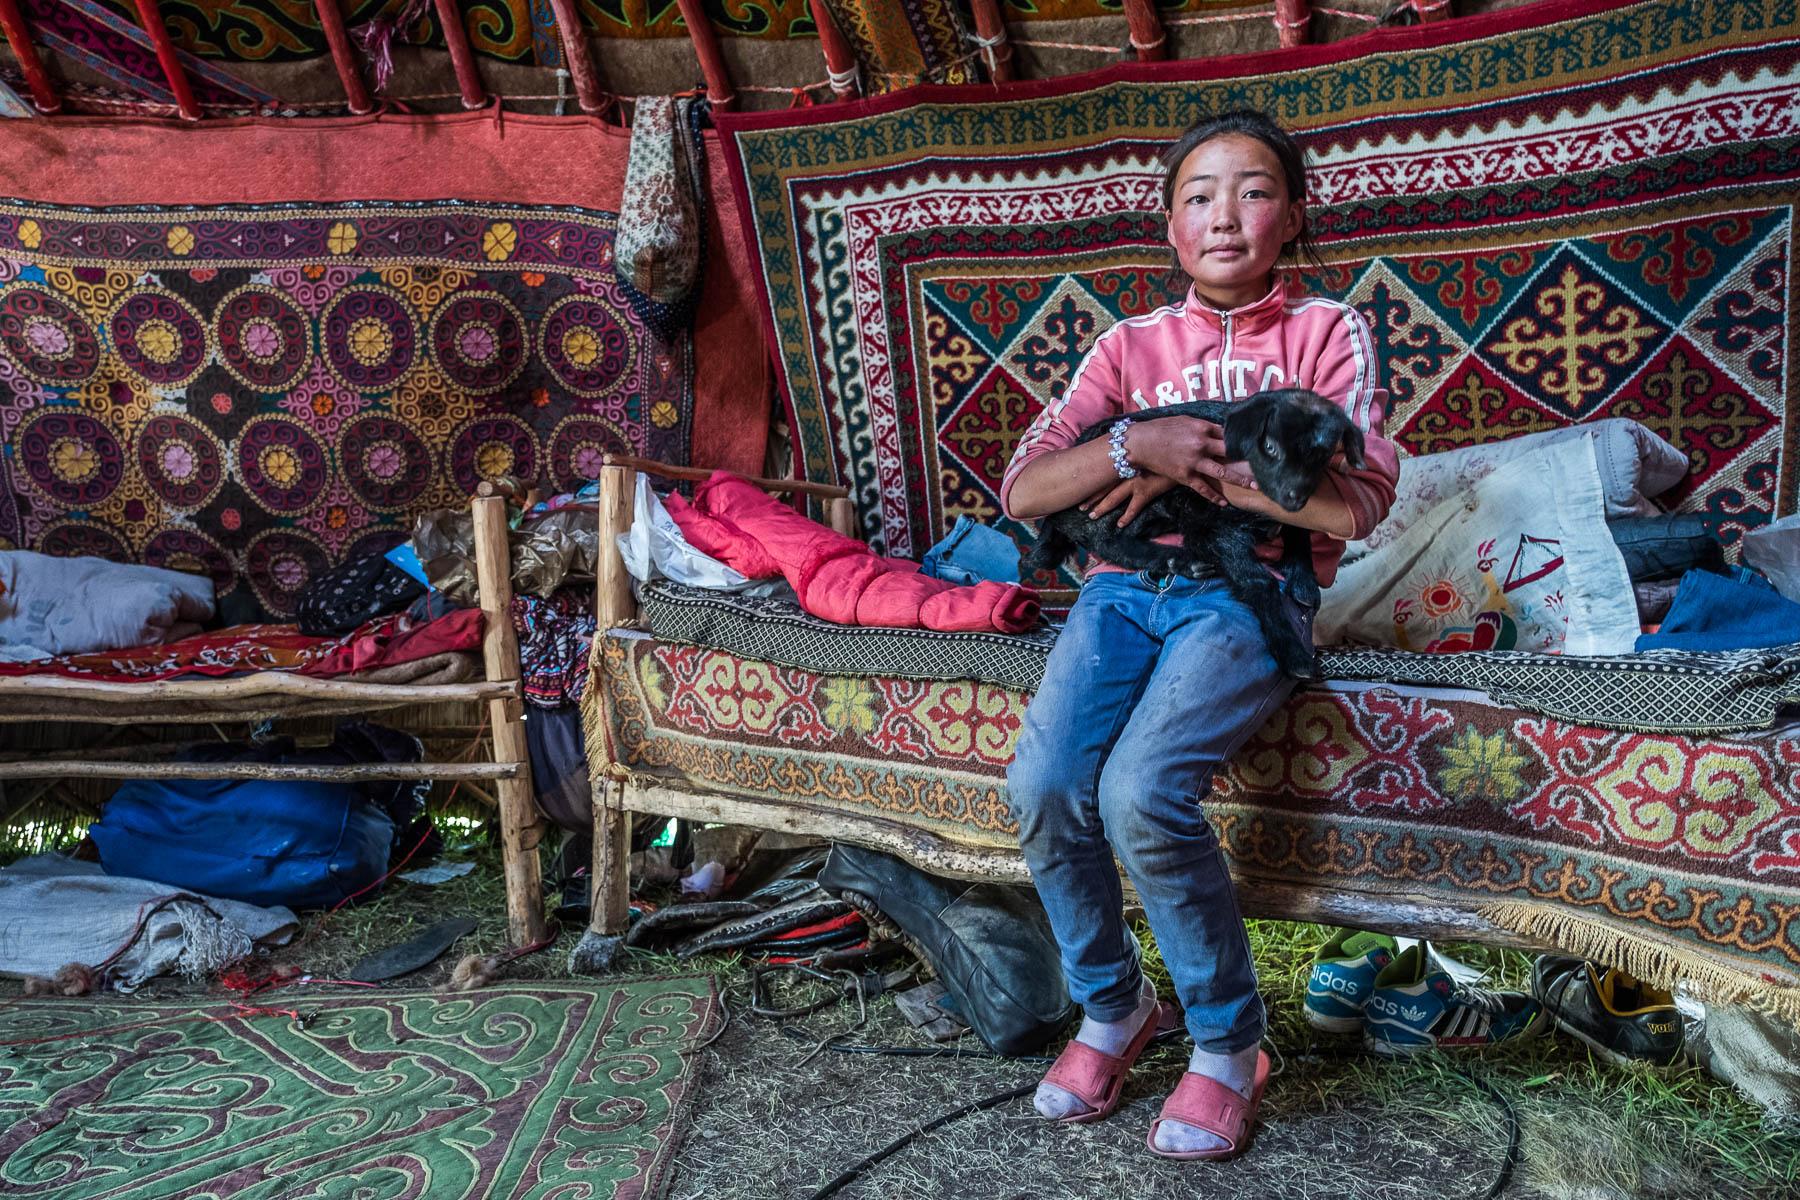 France_Leclerc_KazakhChildreninWesternMongolia_MyHousePet_2.jpg